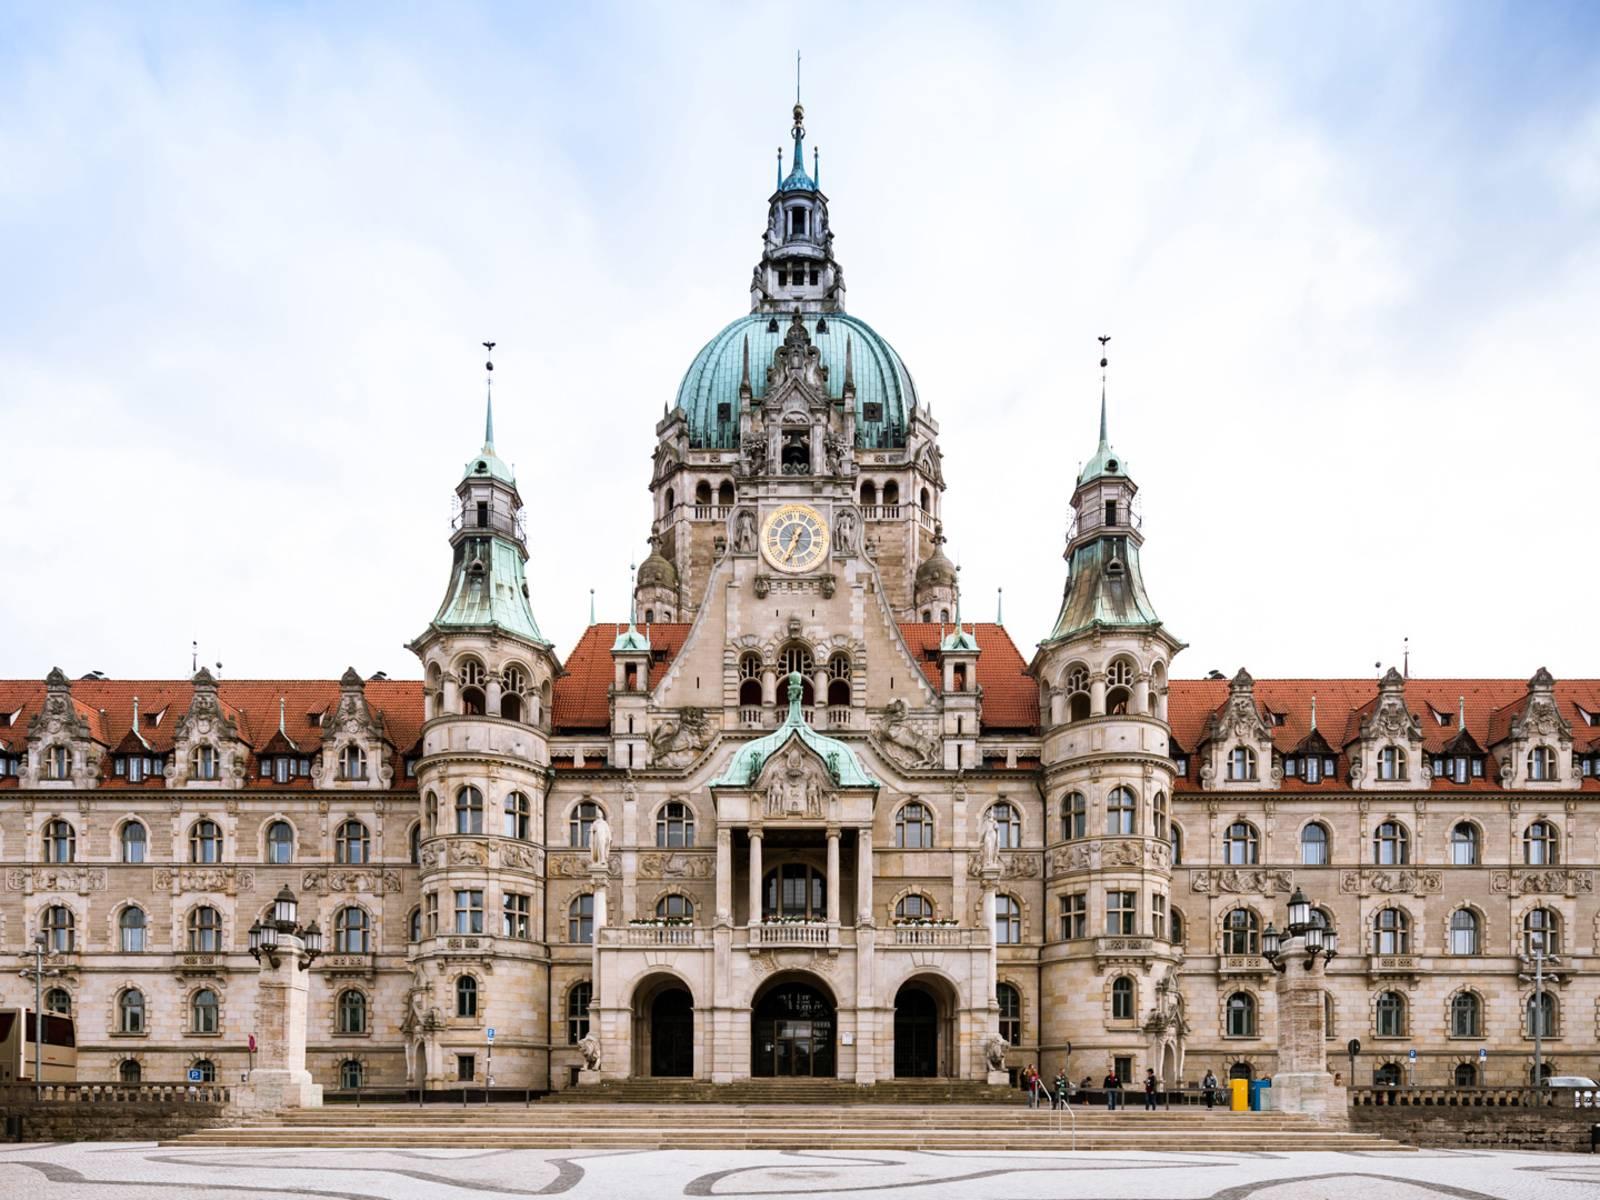 Das Neue Rathaus der niedersächsischen Landeshauptstadt und Hauptsitz der hannoverschen Stadtverwaltung